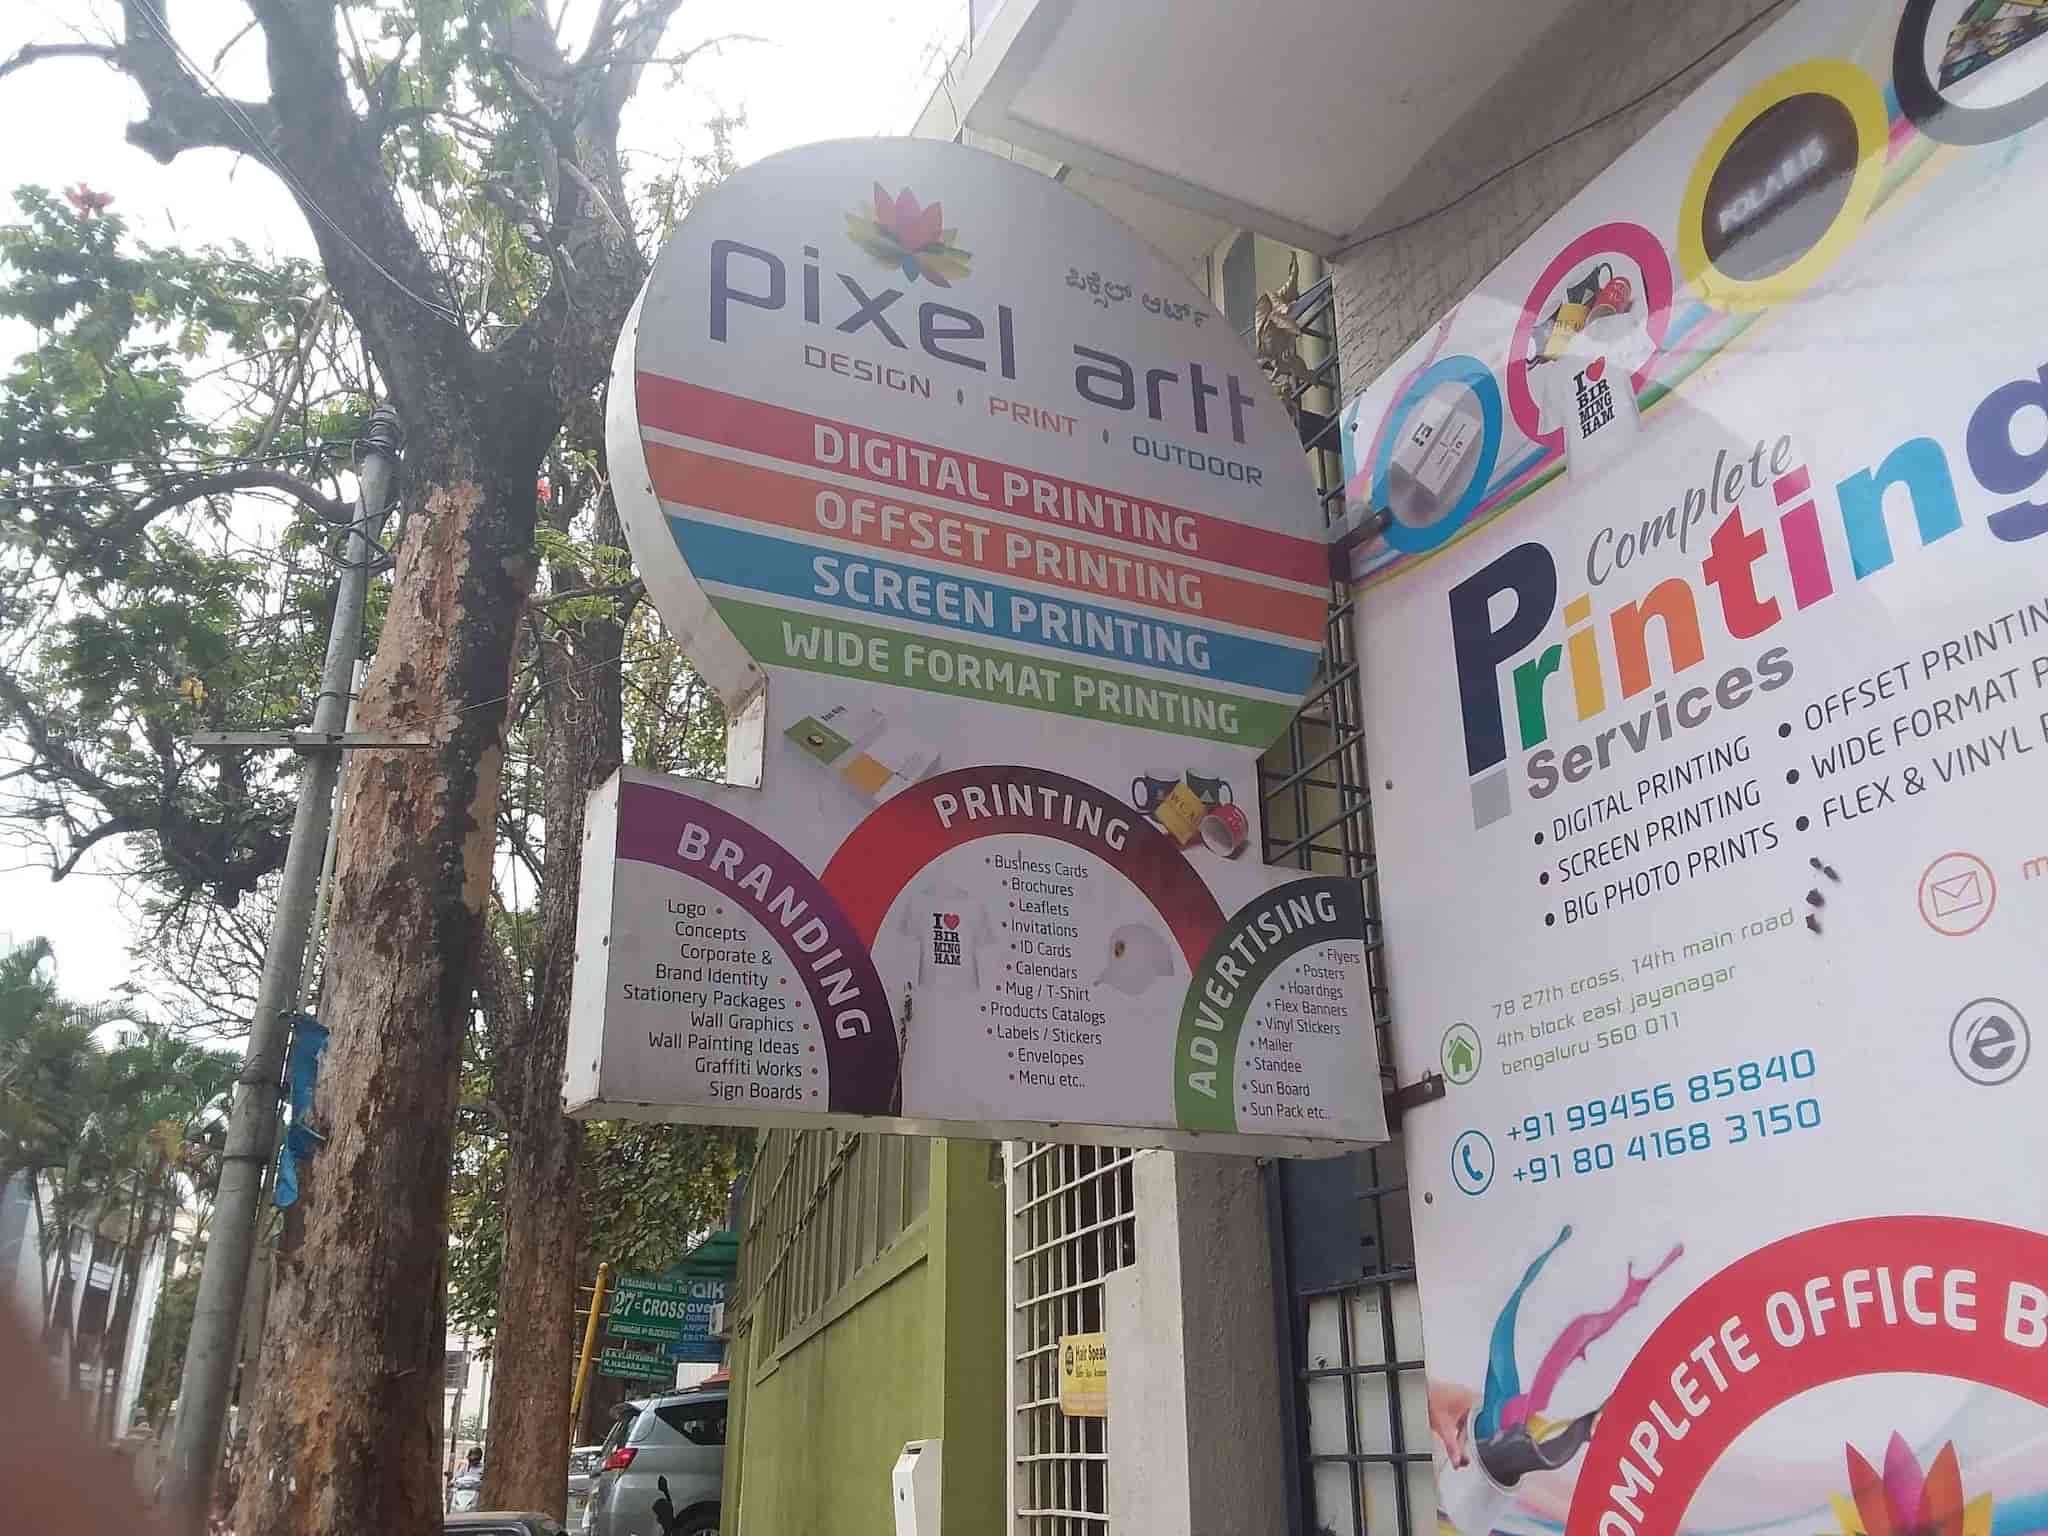 Pixel artt jayanagar 4th block east t shirt printers in bangalore pixel artt jayanagar 4th block east t shirt printers in bangalore justdial stopboris Choice Image